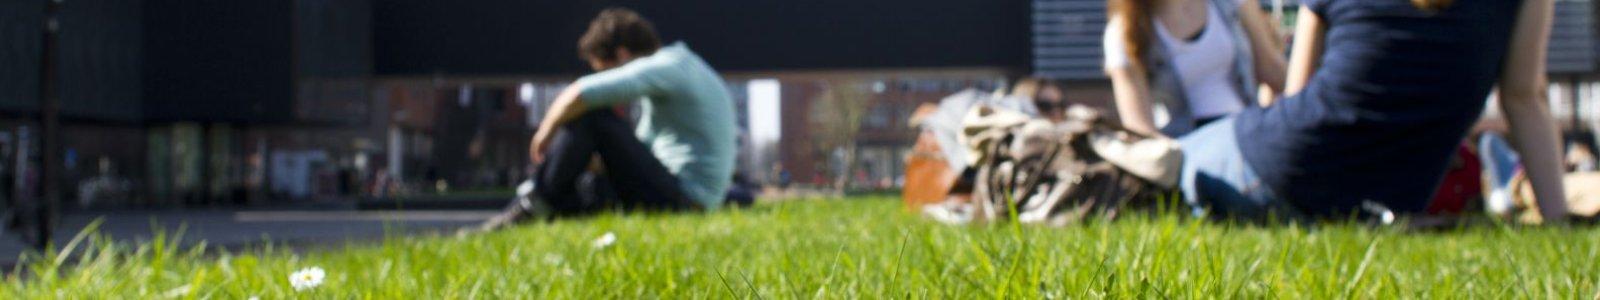 grasveld voor de Universiteitsbibliotheek Uithof